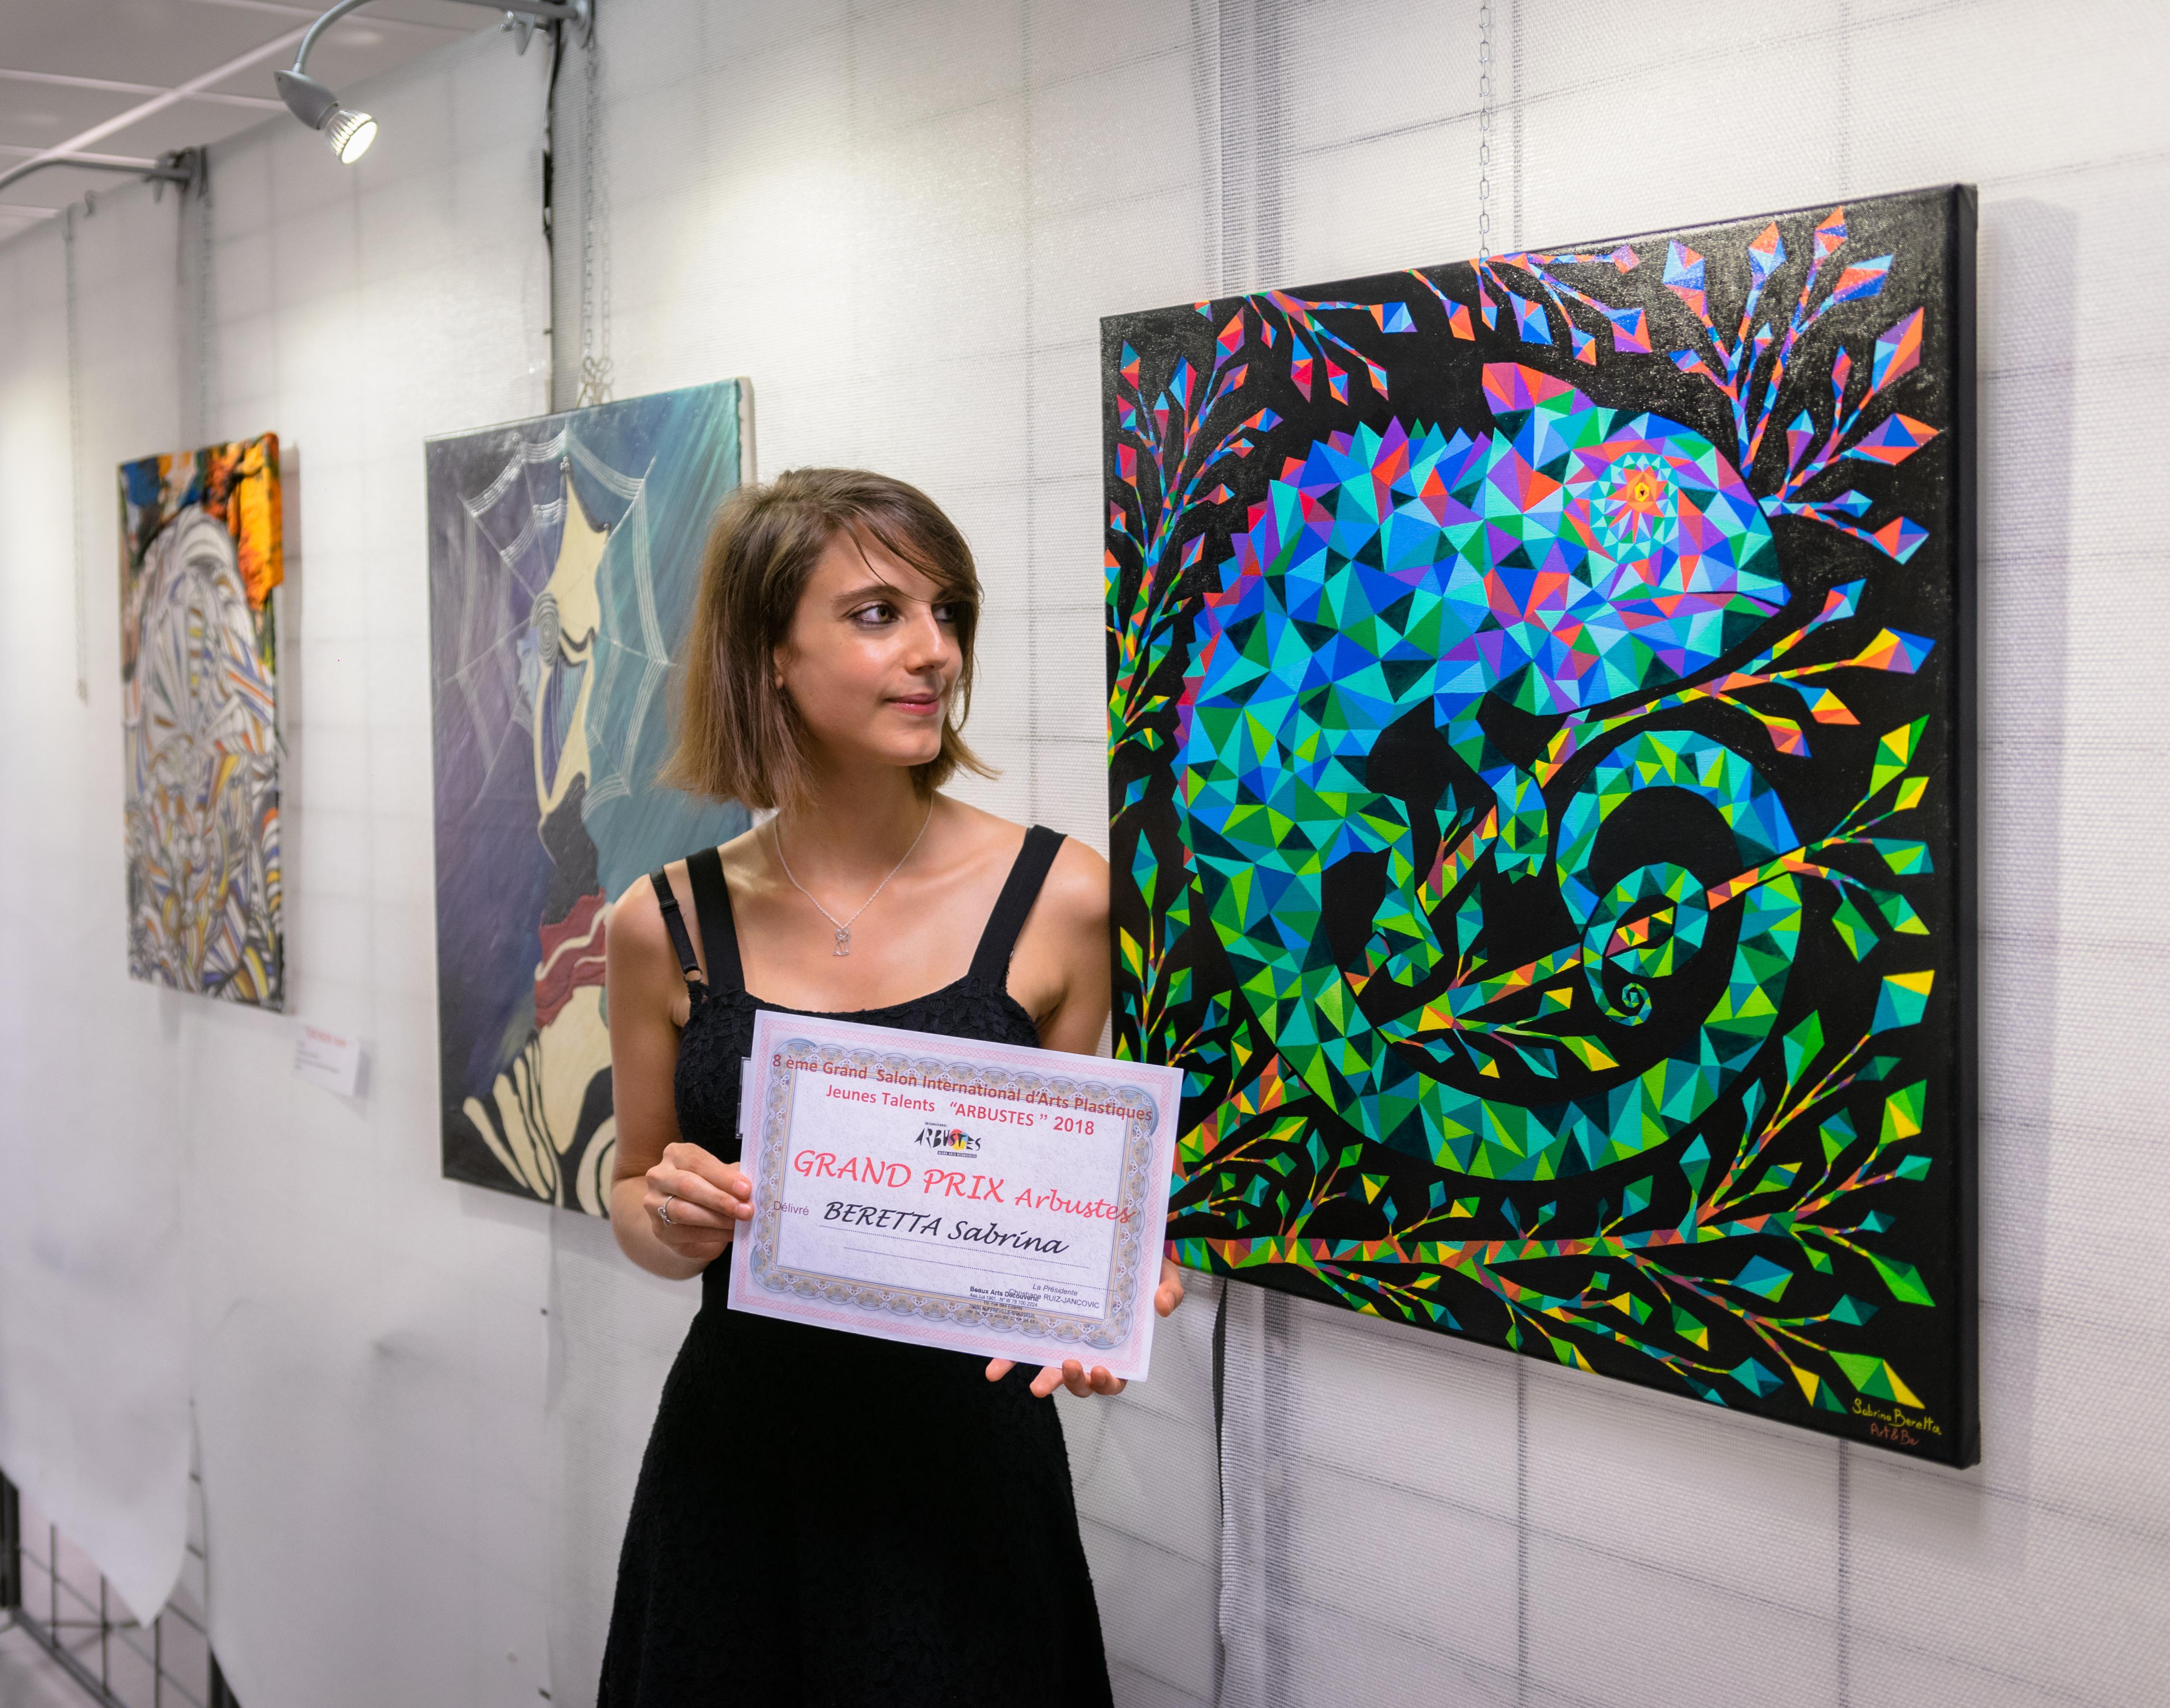 Sabrina Beretta a reçu le grand prix arbustes 2018 pour sa peinture géométrique intitulée Caméléon des émotions